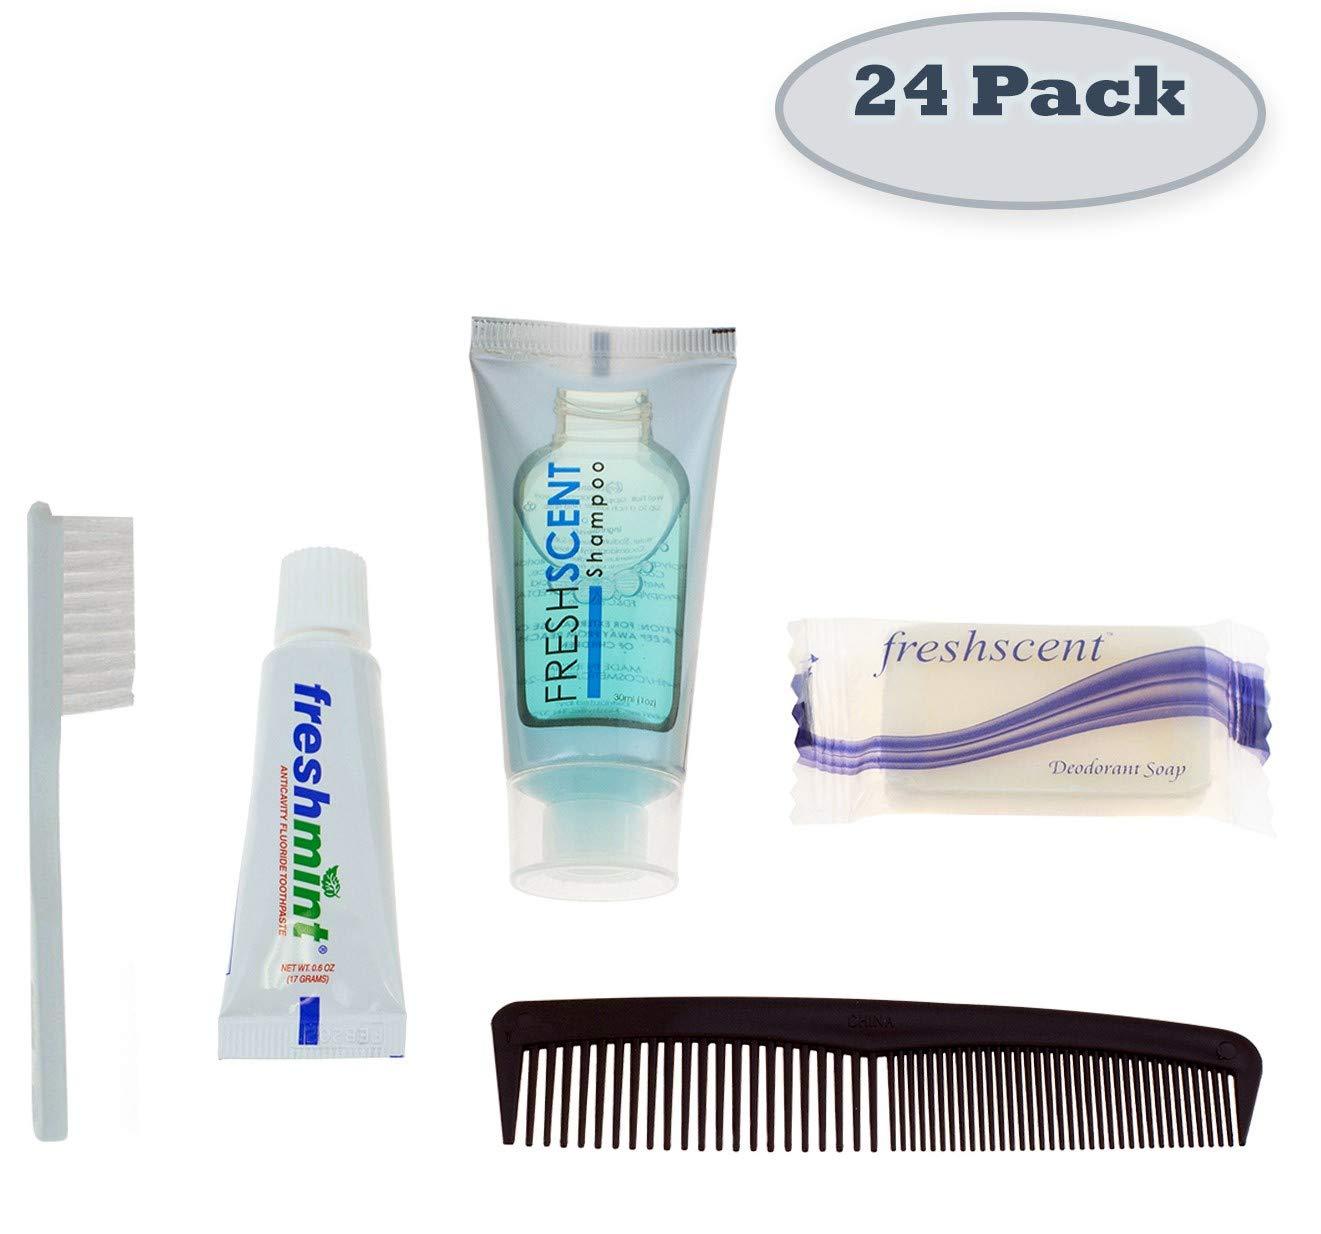 24 Kits - Bulk Case of Wholesale Basic Hygiene & Toiletry Kits for Men, Women, Travel, Charity